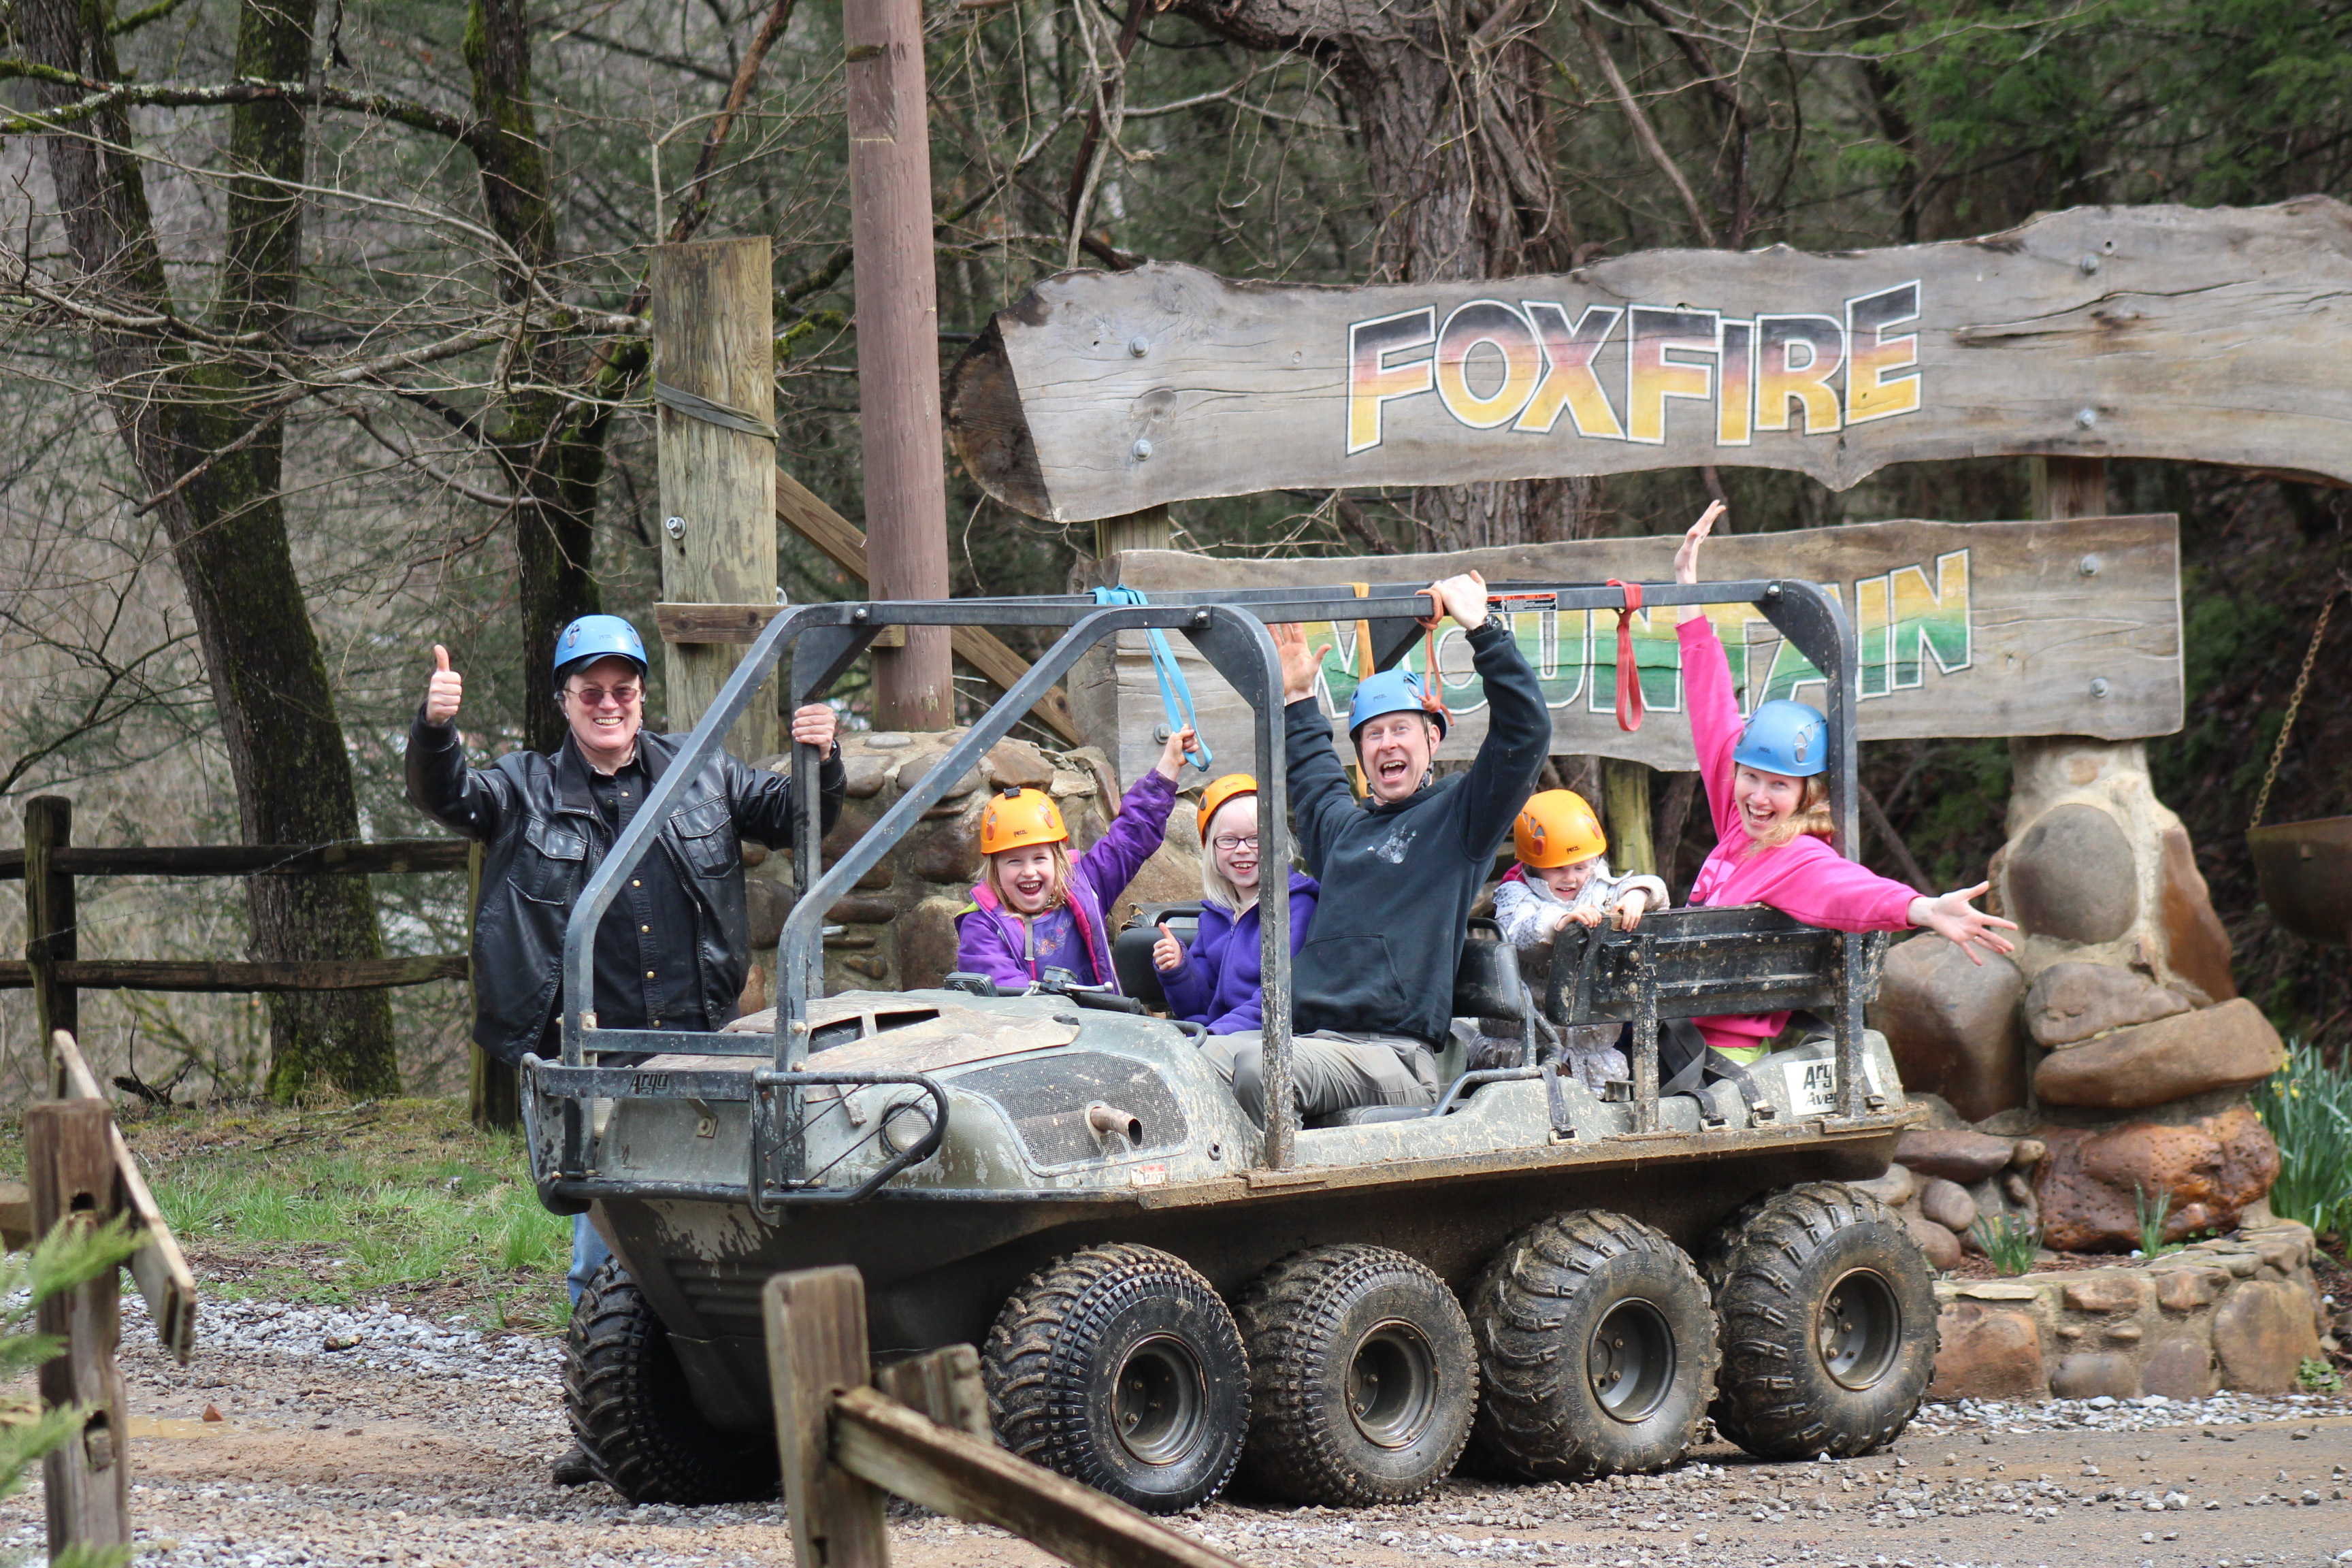 Foxfire Mountain Adventure Park